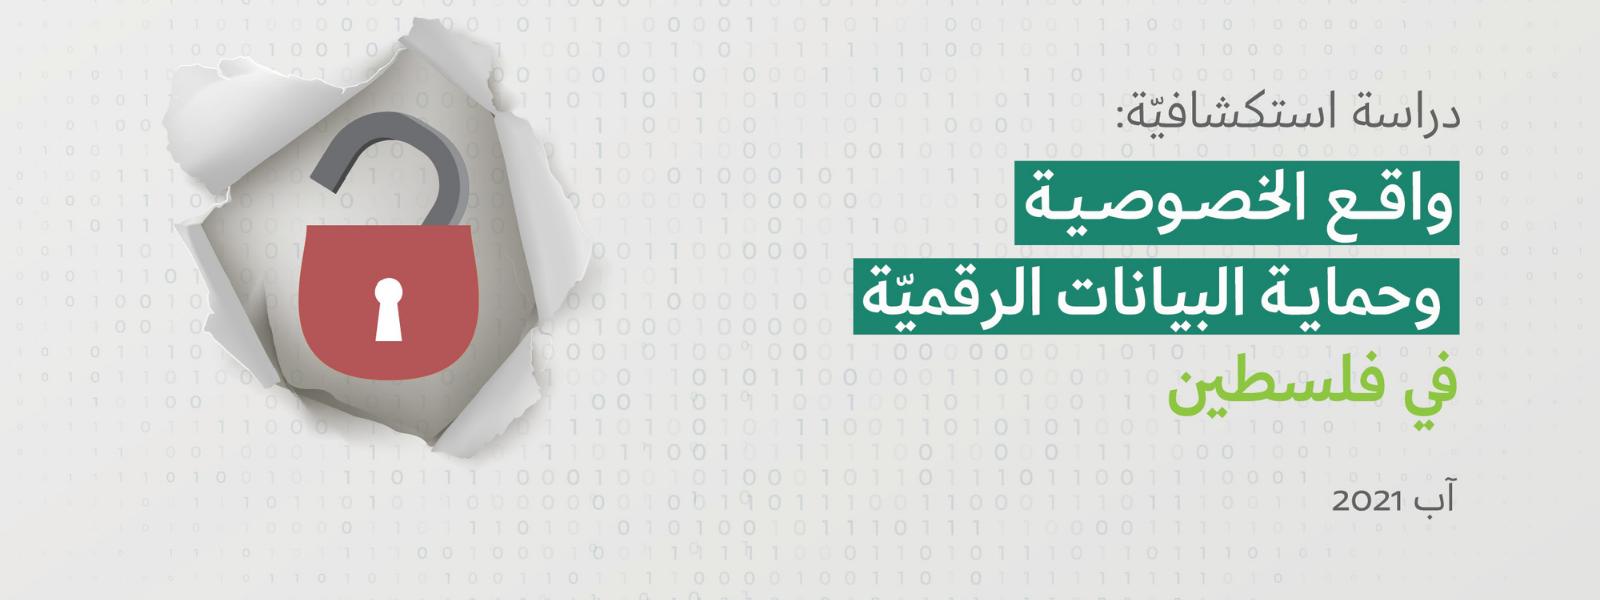 واقع الخصوصية وحماية البيانات